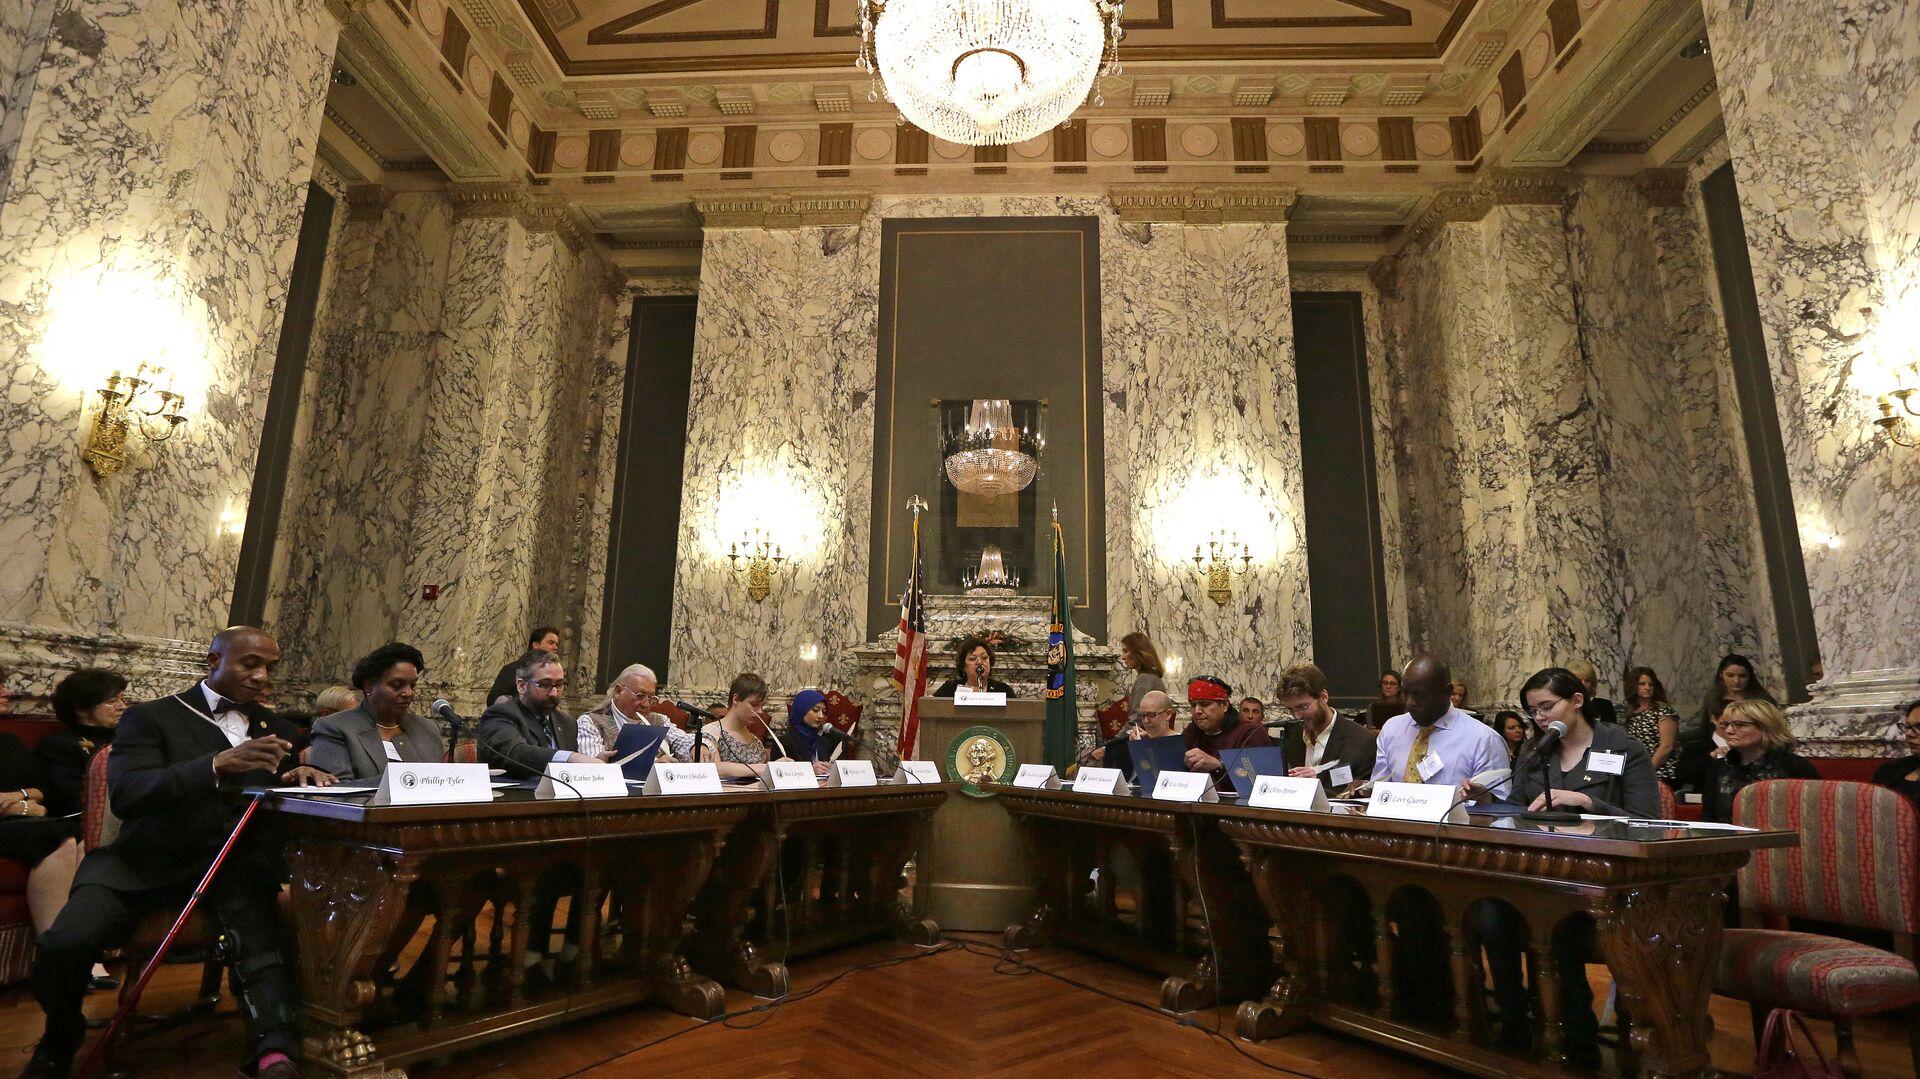 Заседание коллегии выборщиков в Вашингтоне. 19 декабря 2016 - РИА Новости, 1920, 09.11.2020